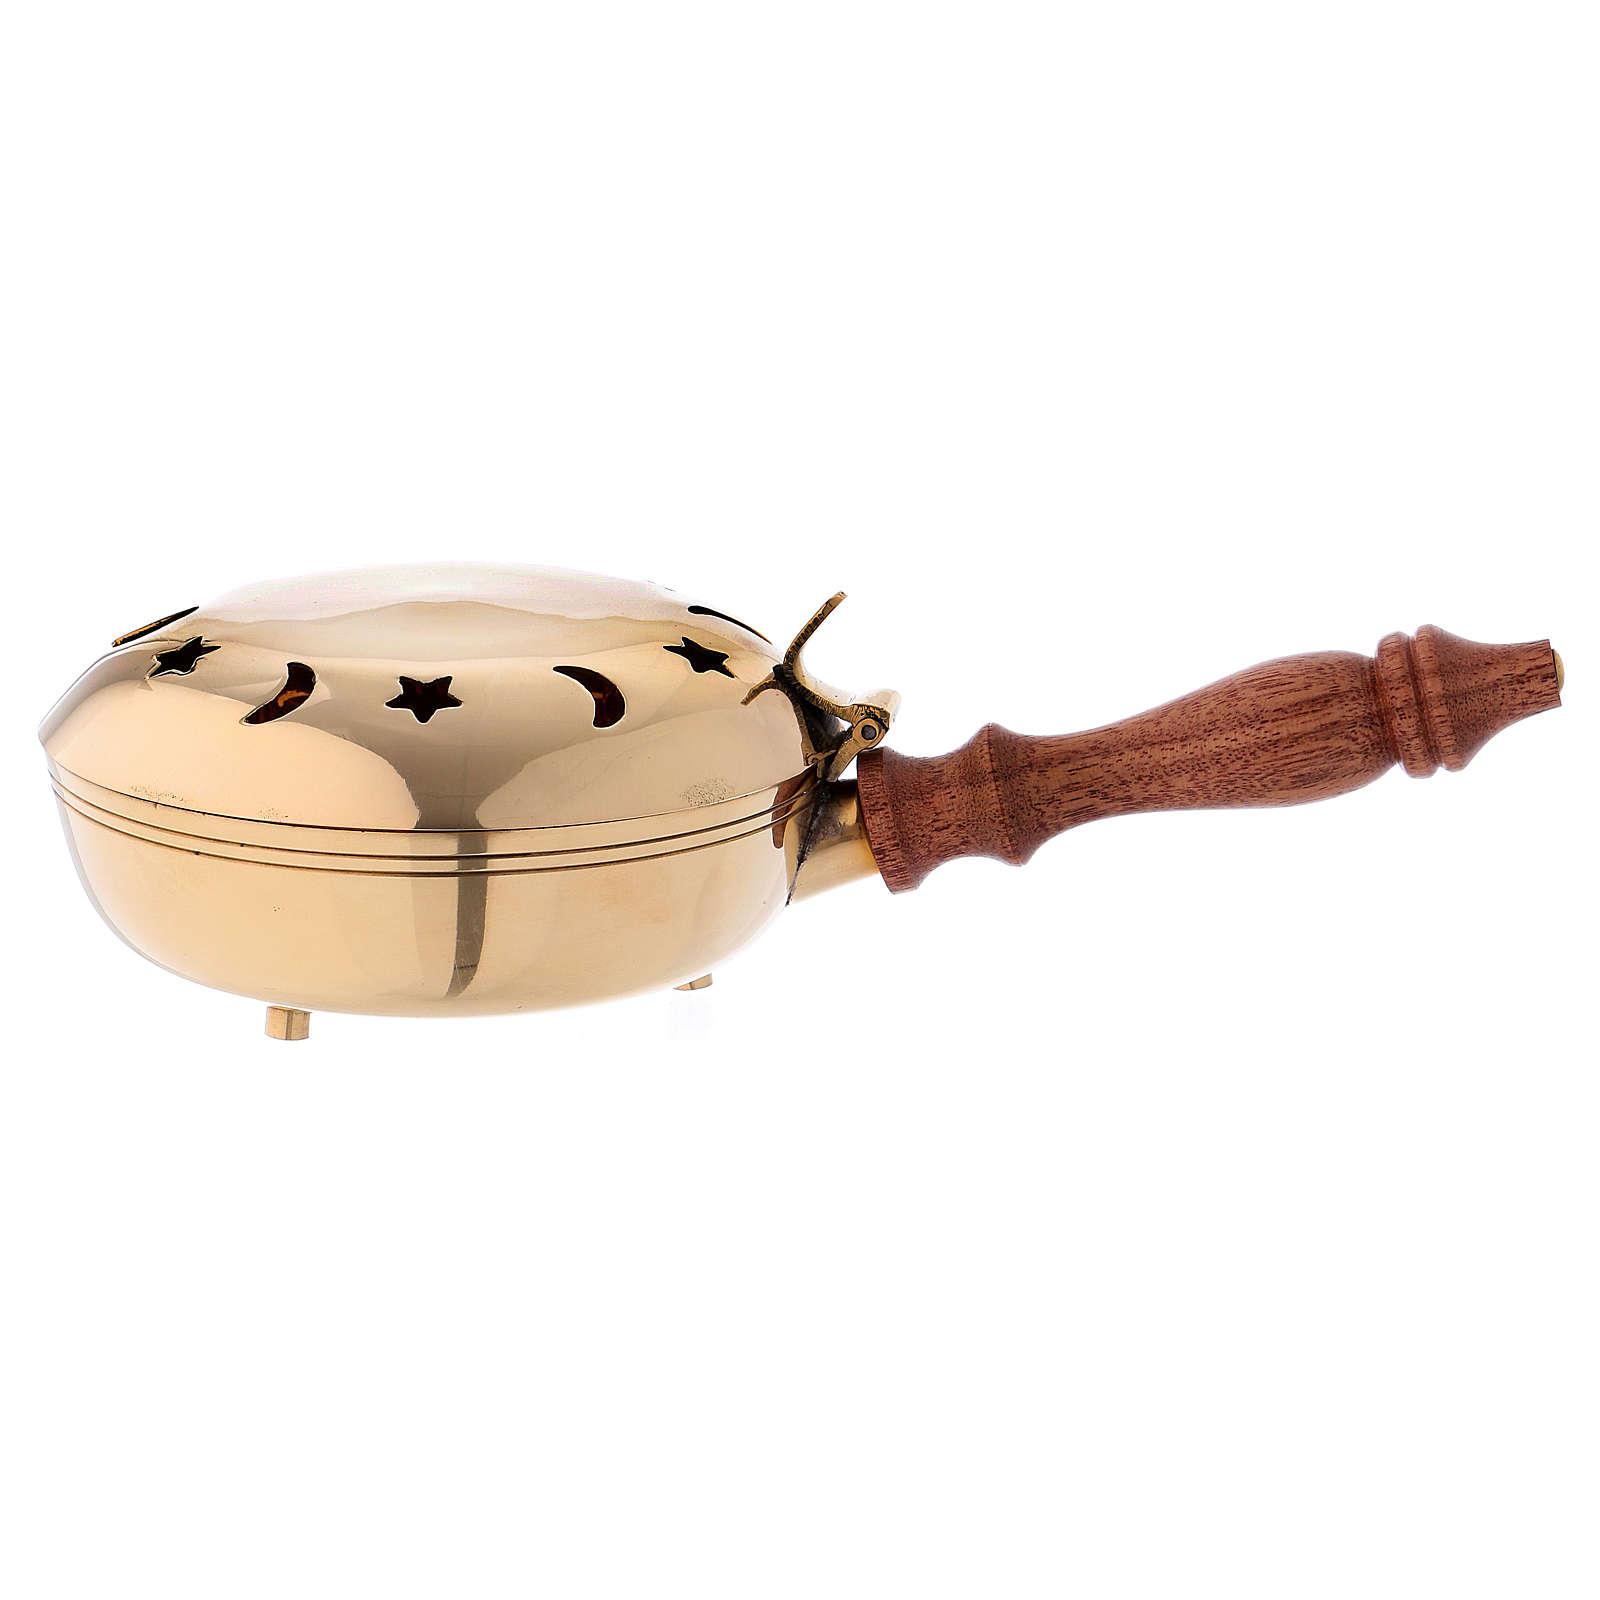 Brucia incenso ottone dorato massiccio manico in legno 3